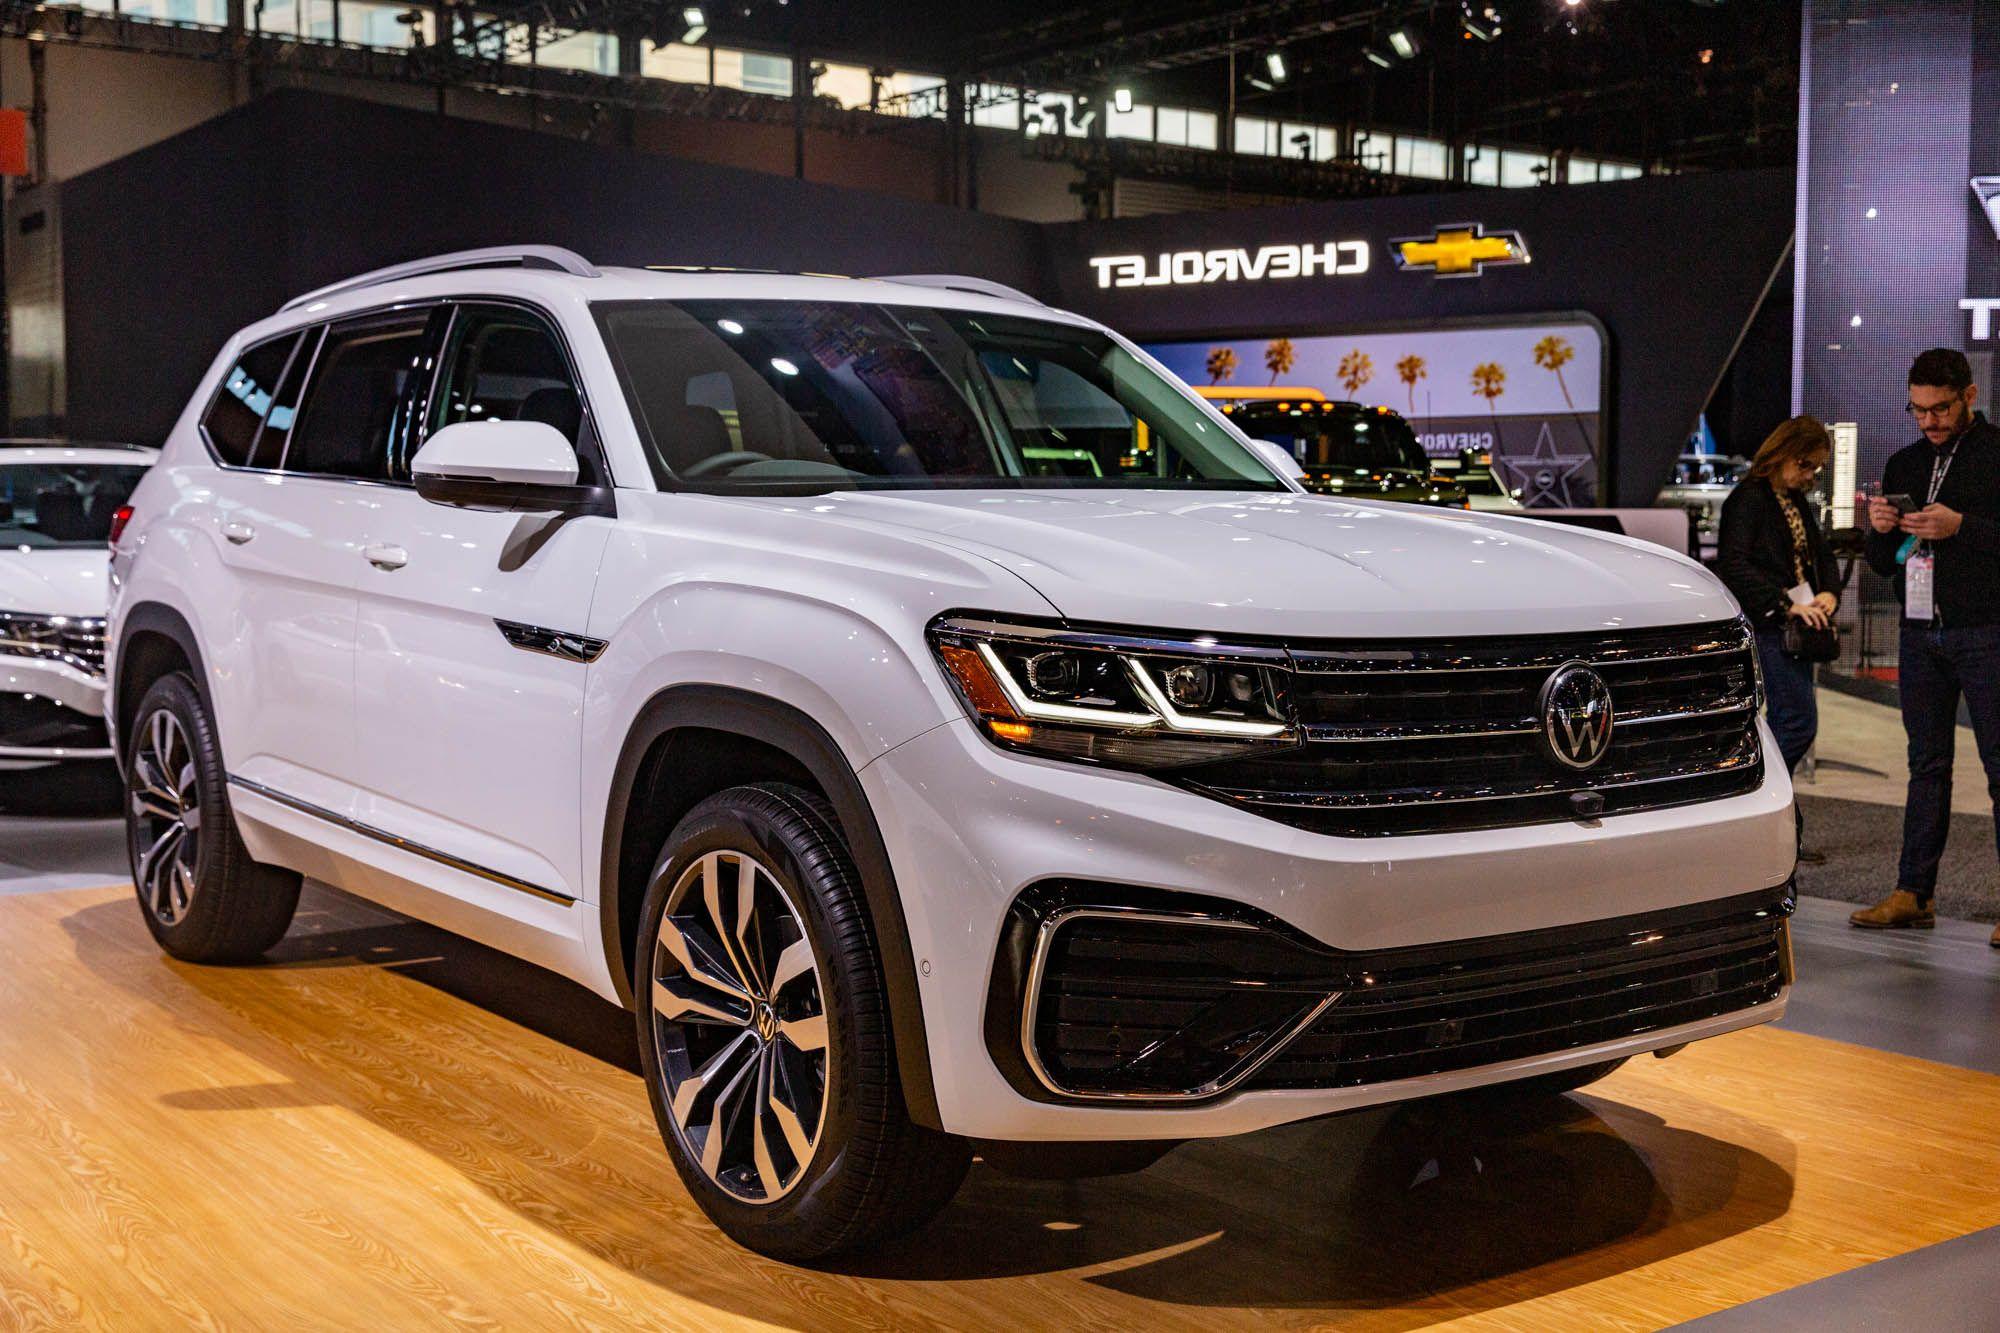 2021 VW Atlas Cross Sport Hybrid Release Date, Specs